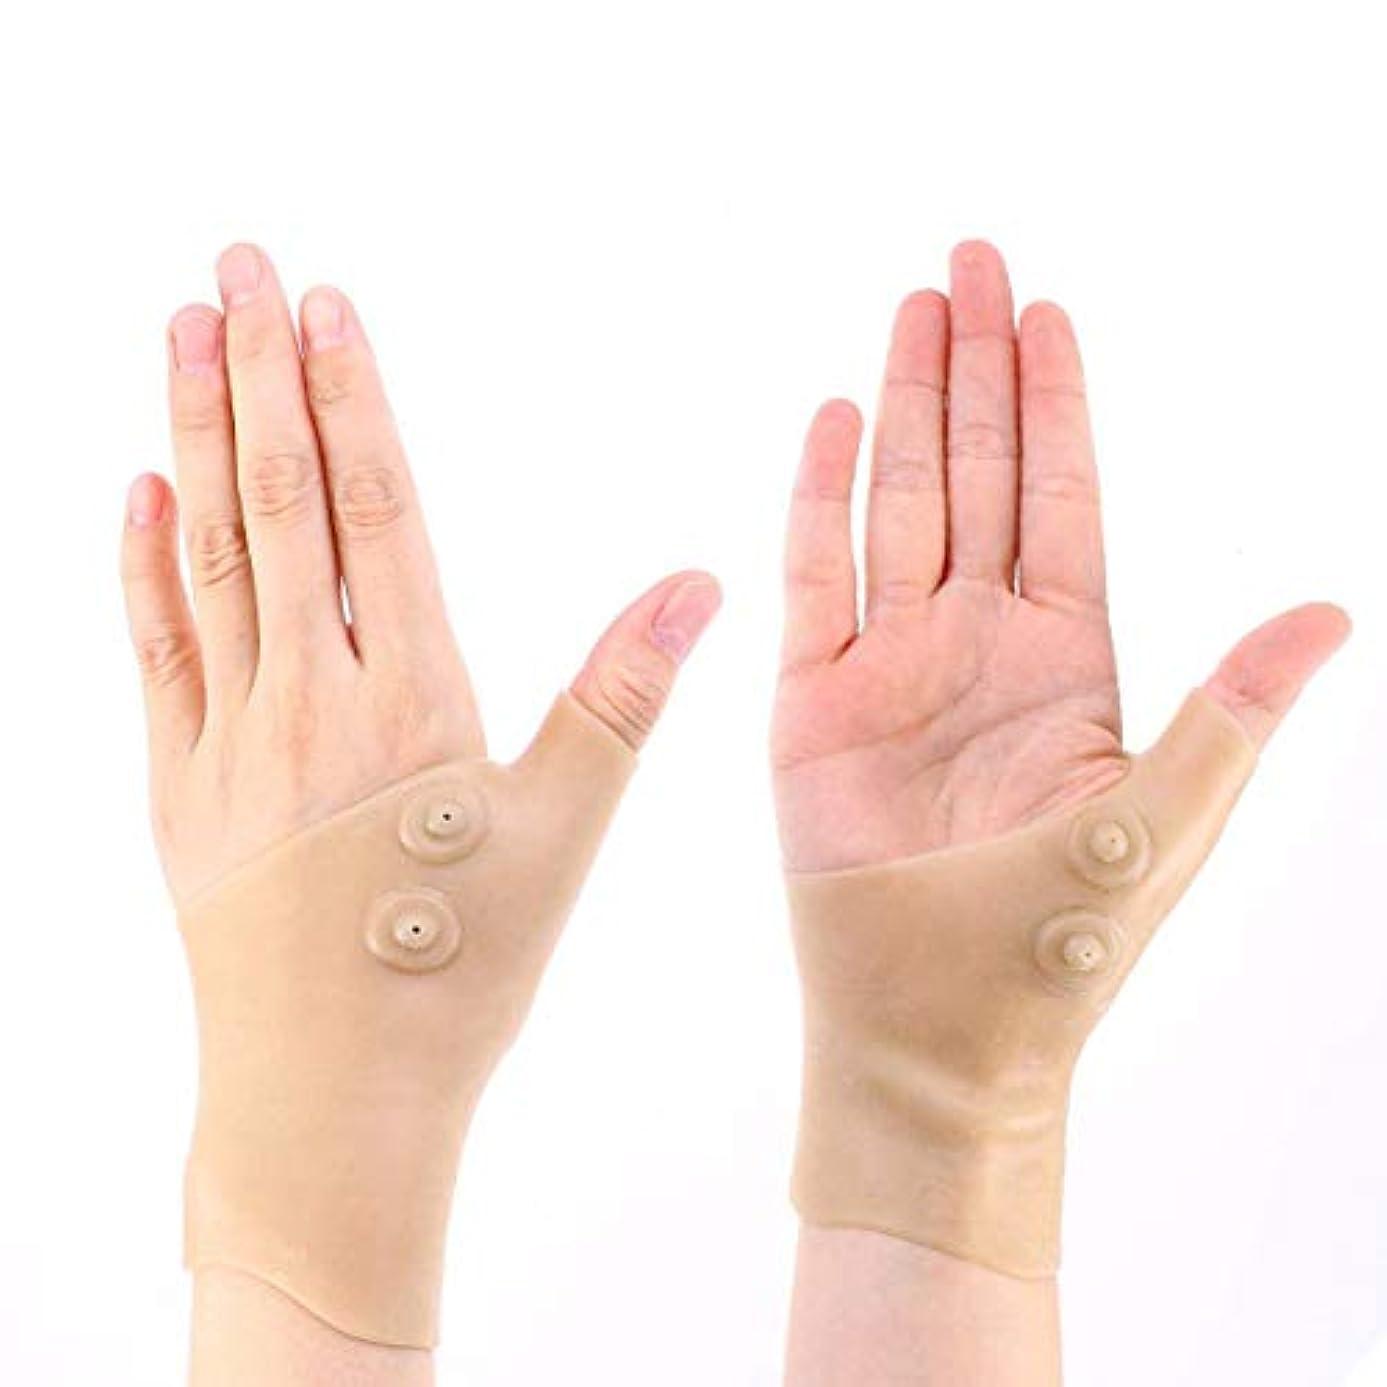 手首サポーター 磁気手袋 磁気療法手袋 関節炎圧縮手袋 腱鞘炎 血行促進 疲れ軽減 衝撃緩和 シリコン フリーサイズ 左右両用 男女兼用 2枚セット FIRLAR